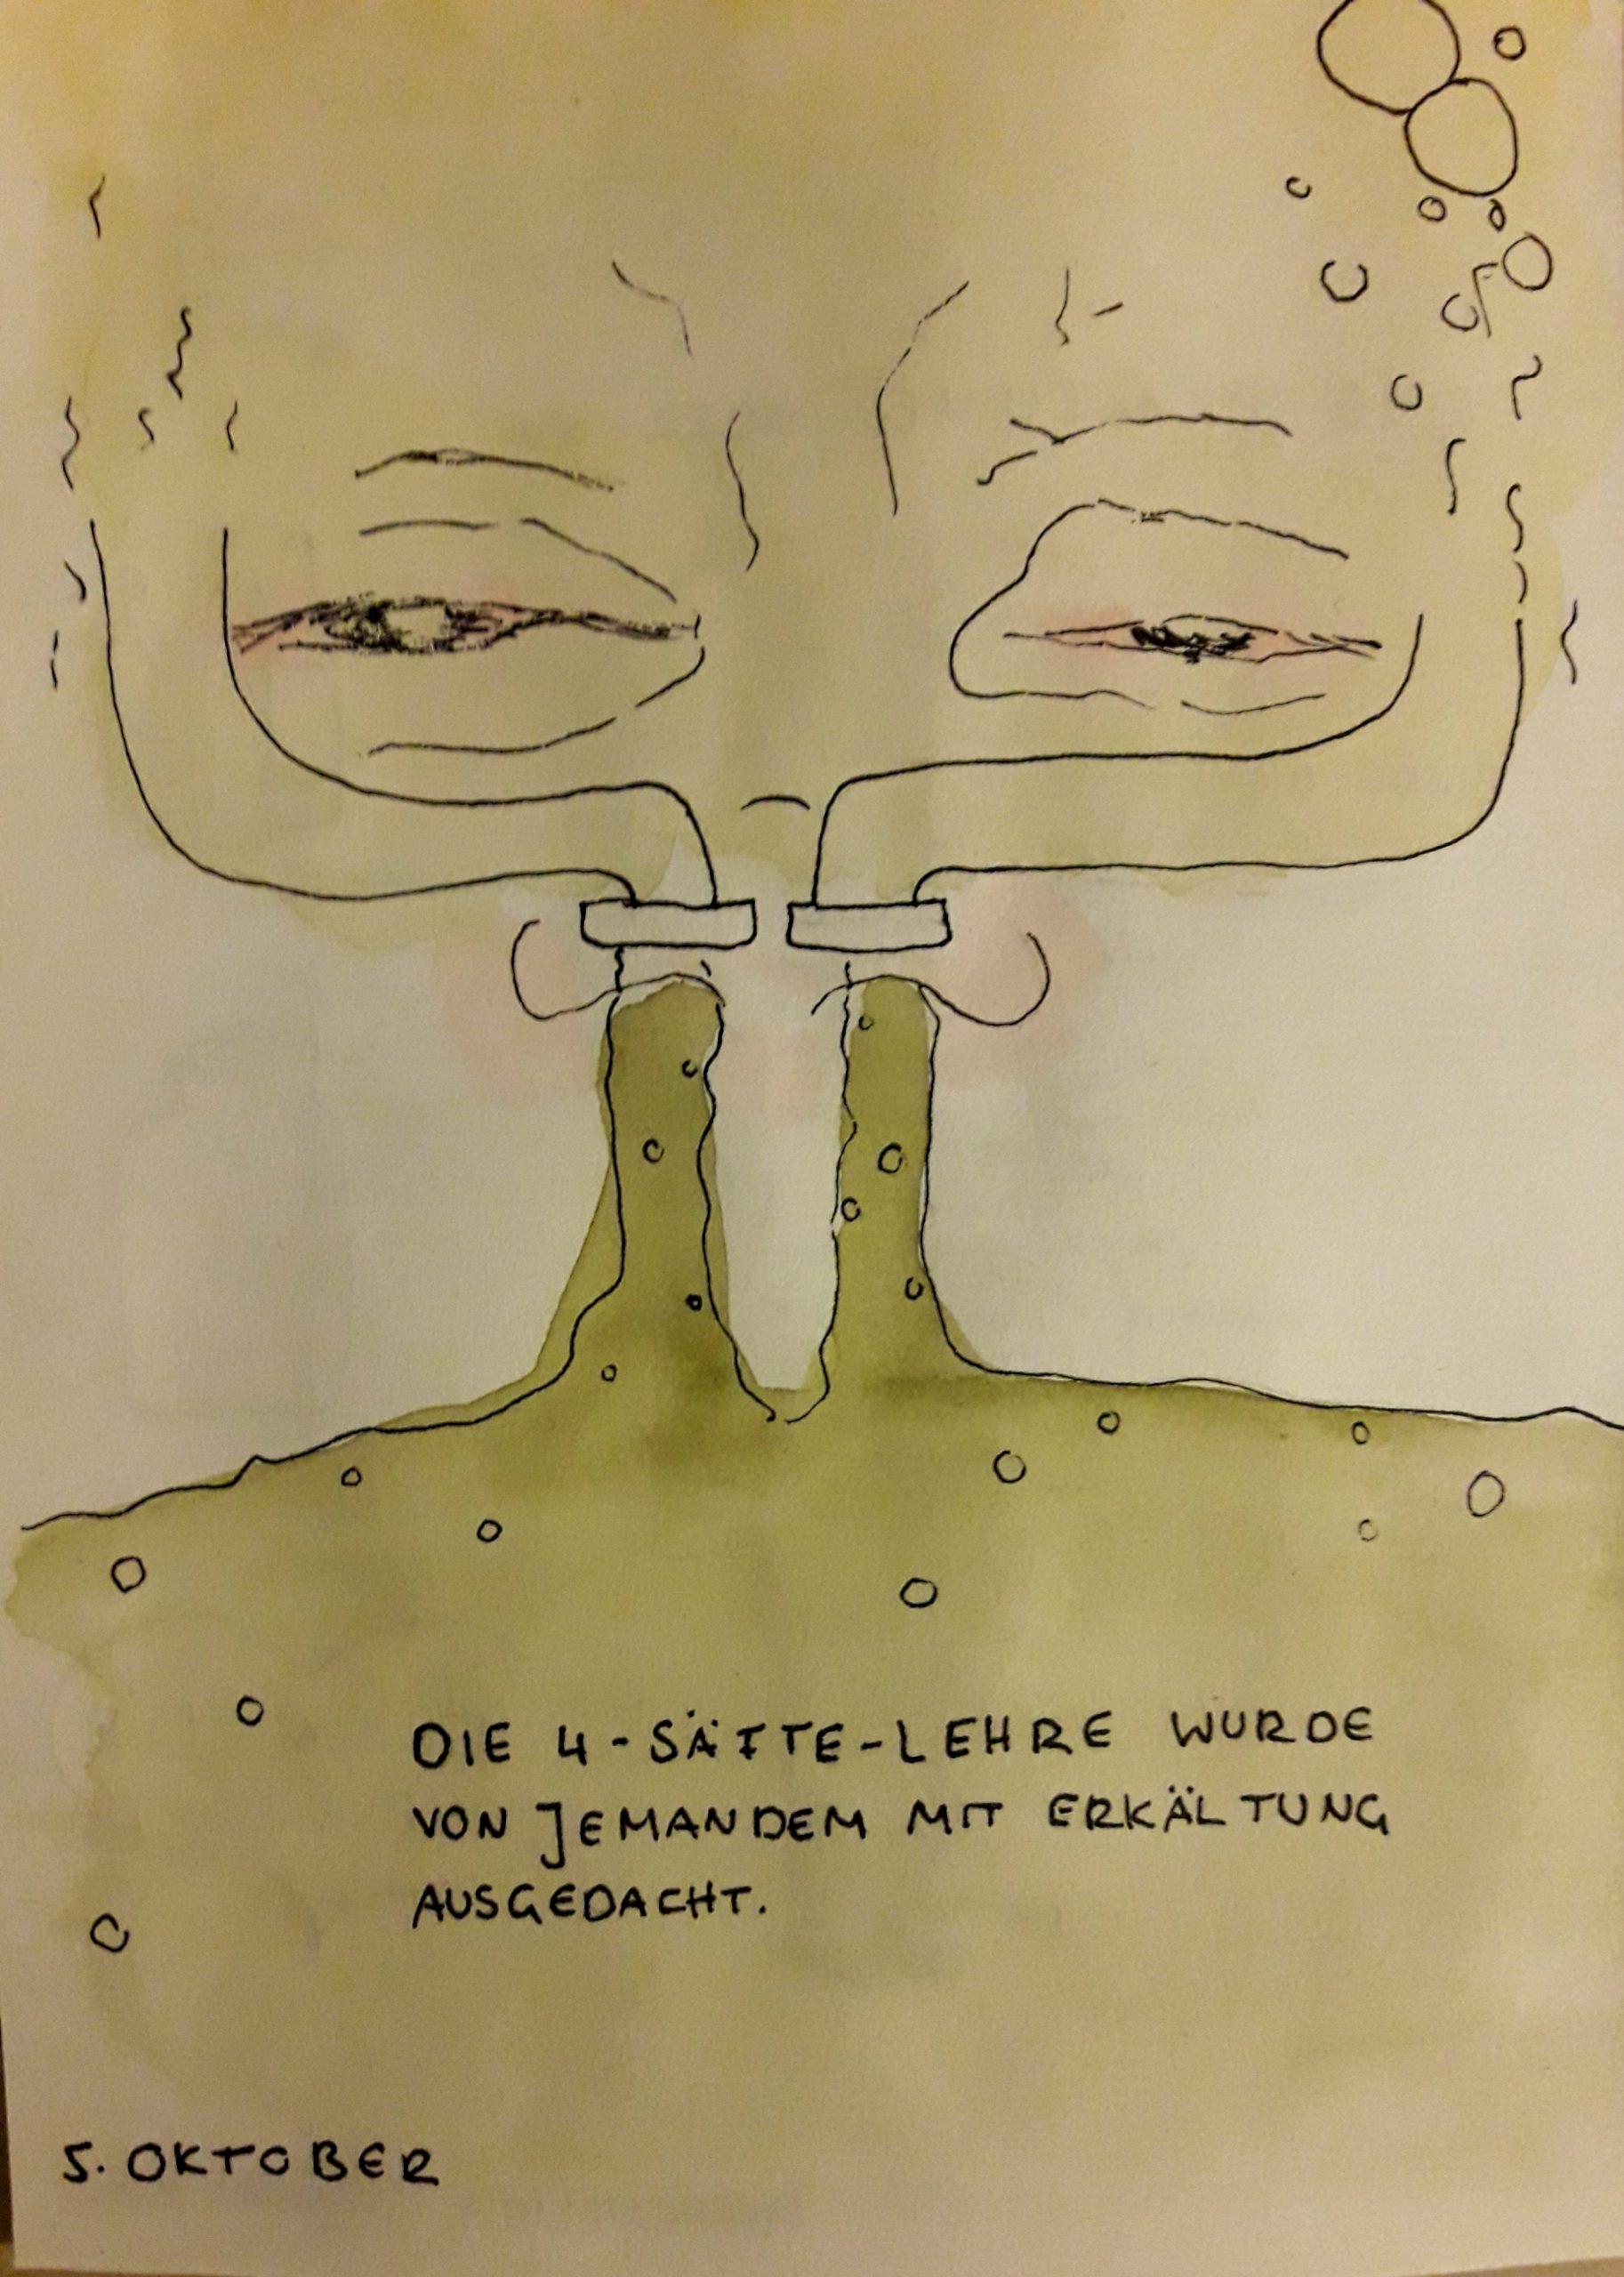 Ein Paar Augen und eine Nase aus der zwei Rohre aus denen grüner Schleim kommt. Darunter: